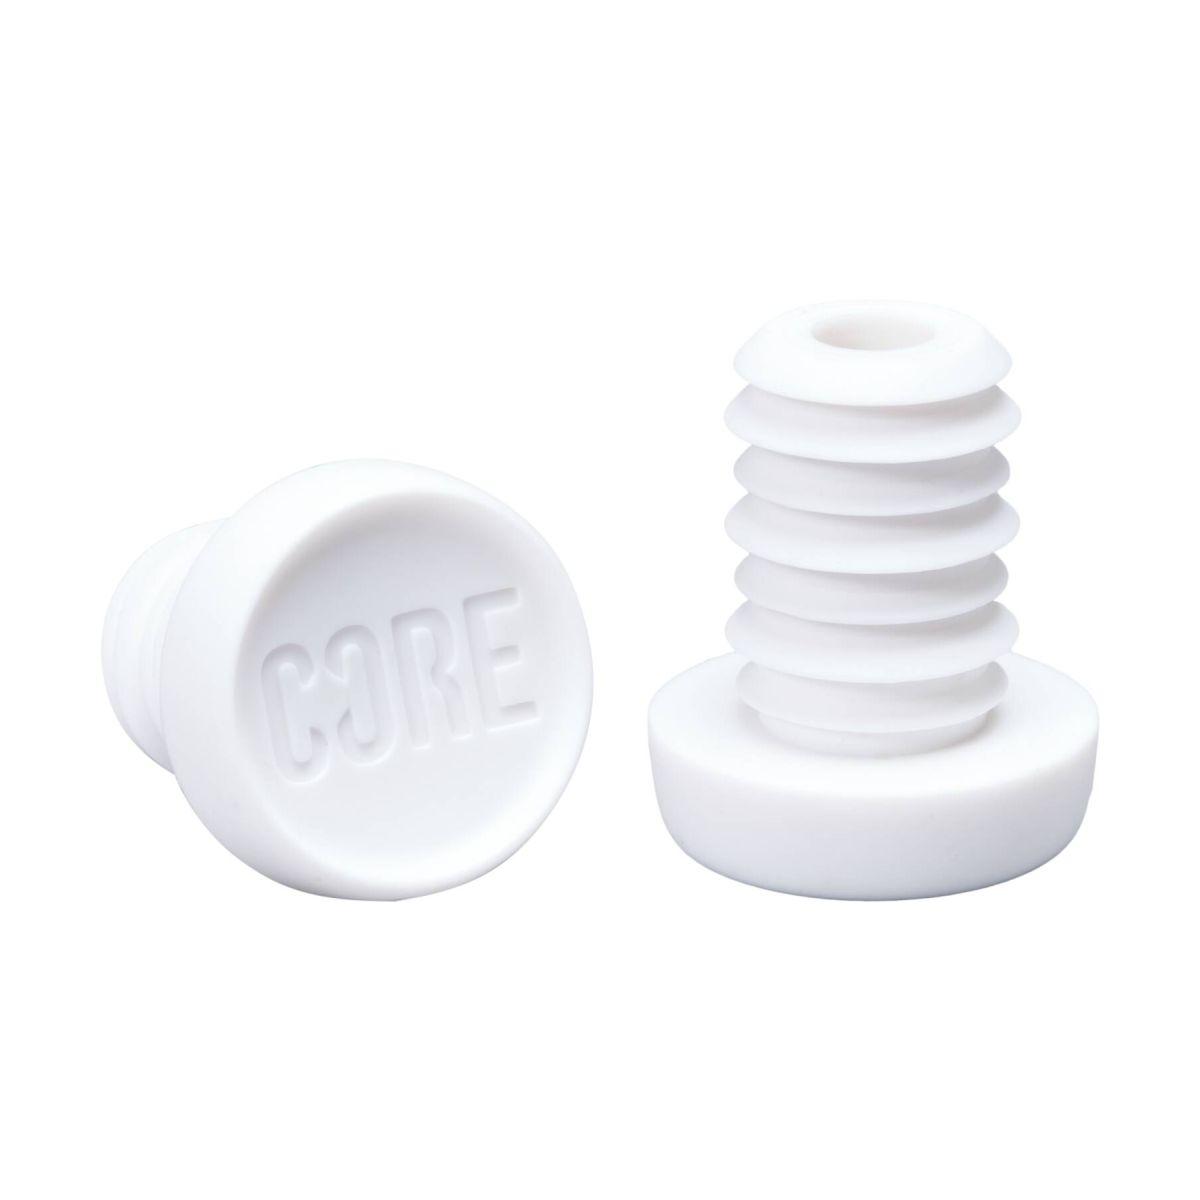 Barendy Core White